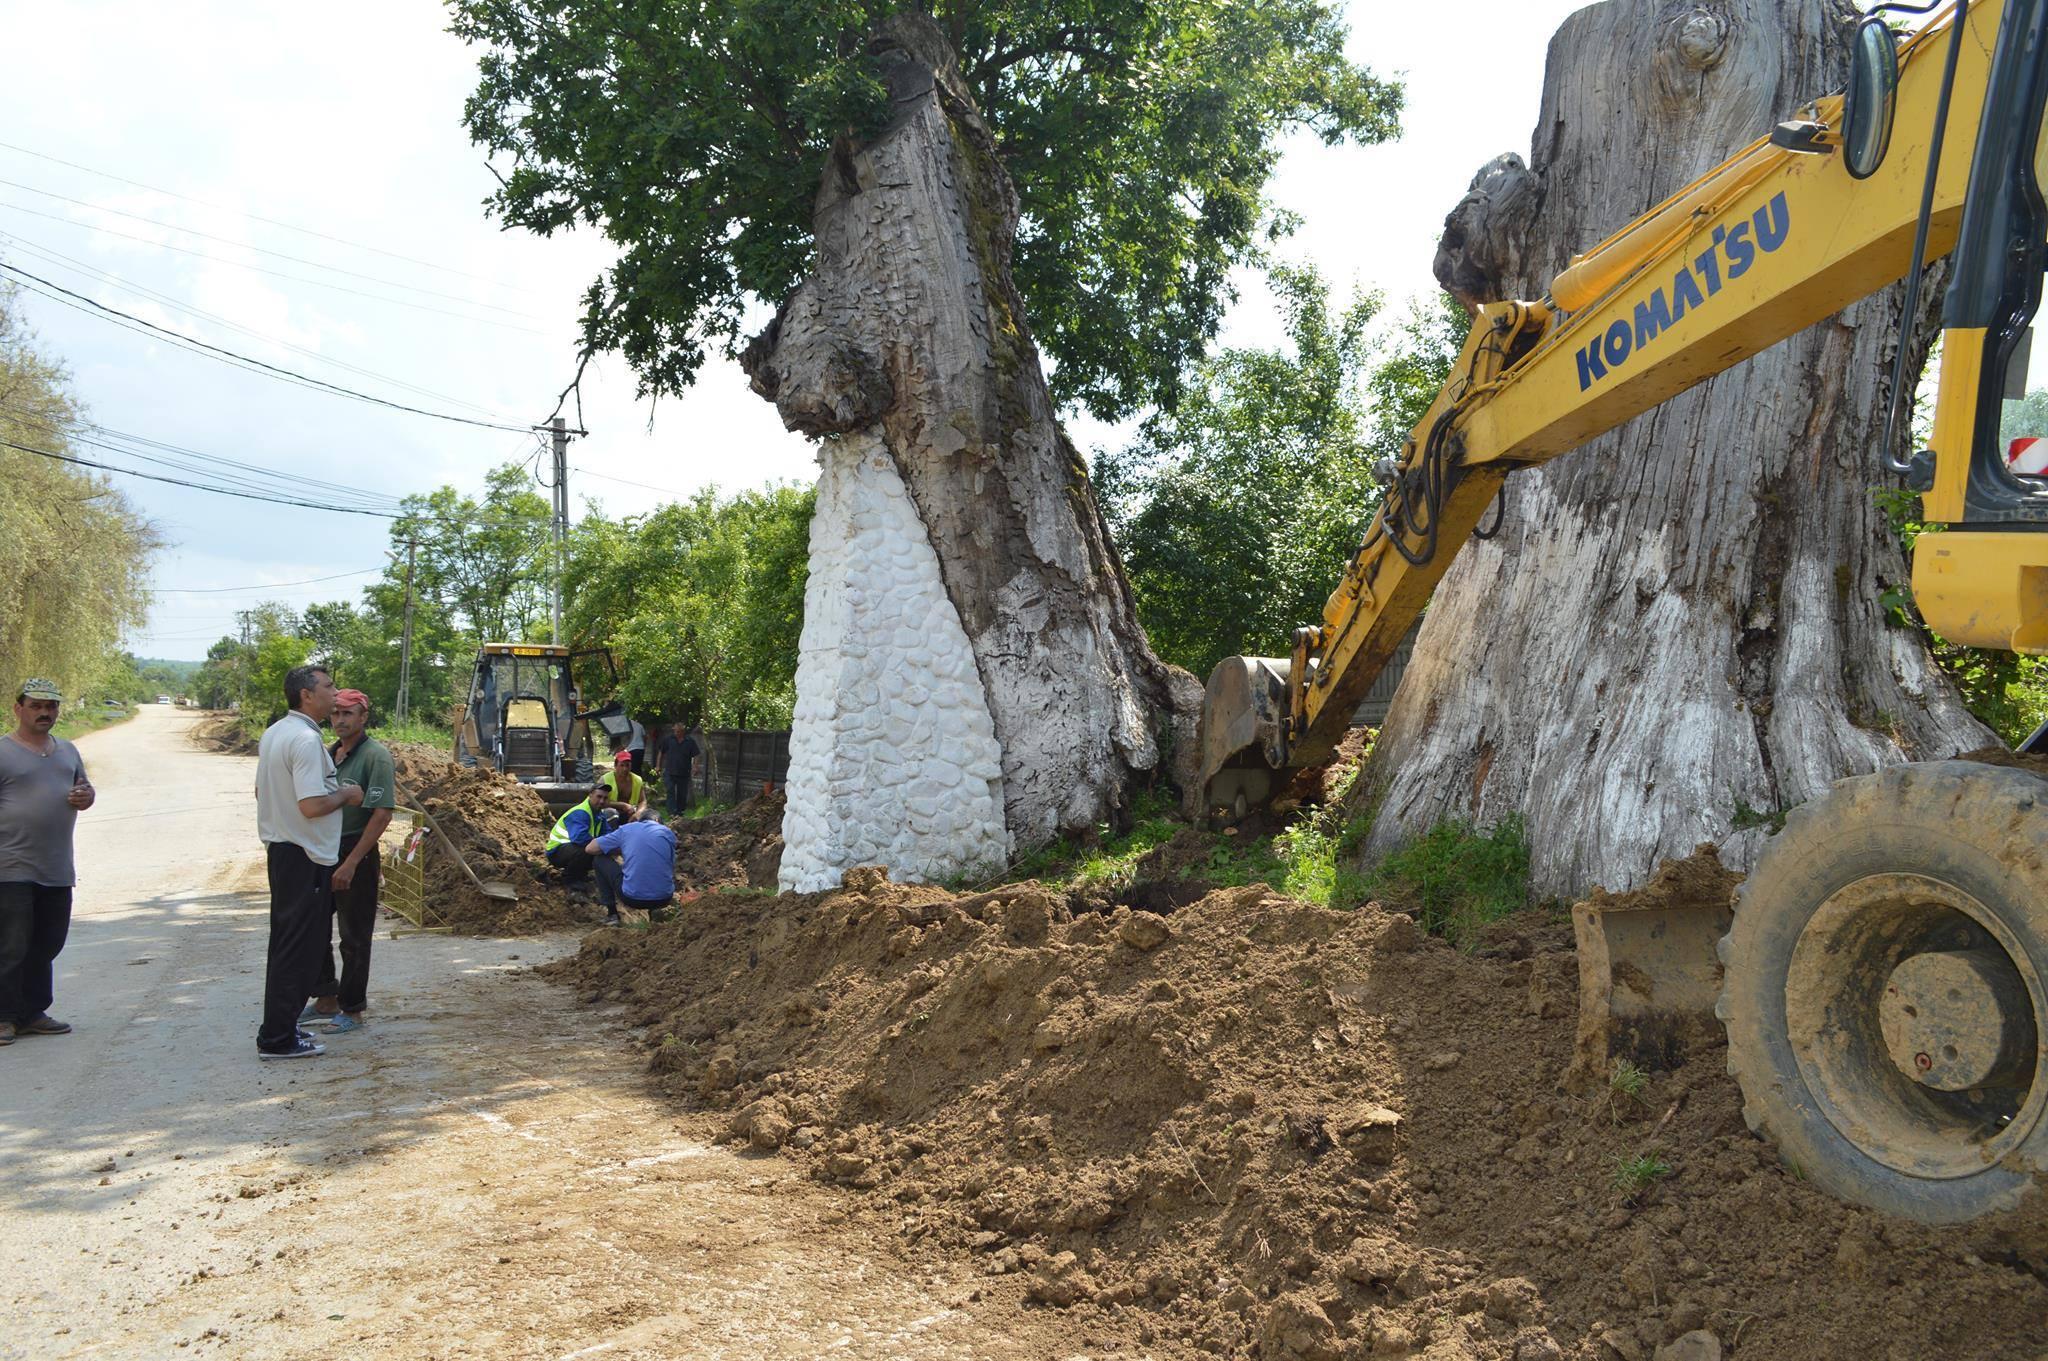 Anchetă în comuna naistului Gheorghe Zamfir după ce rădăcinile arborilor seculari au fost retezate